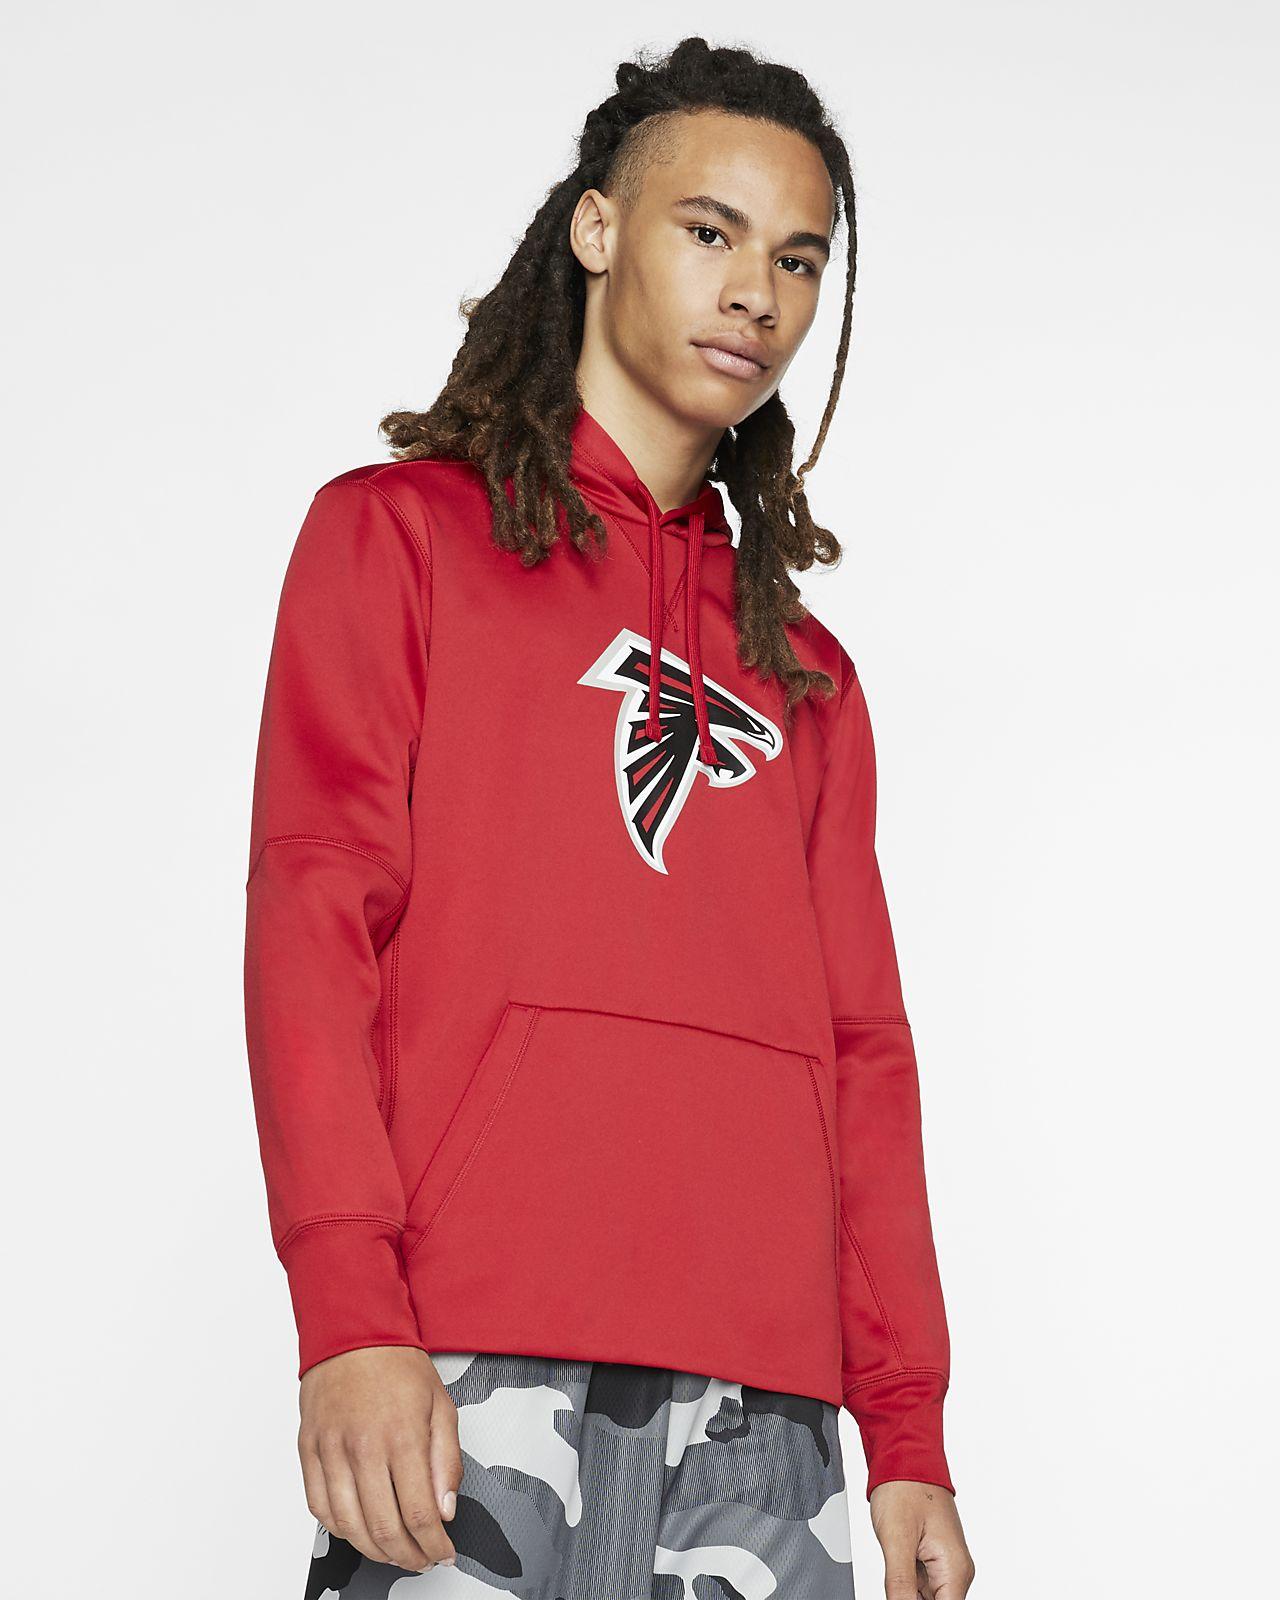 Sudadera con capucha para hombre Nike Dri-FIT (NFL Falcons)